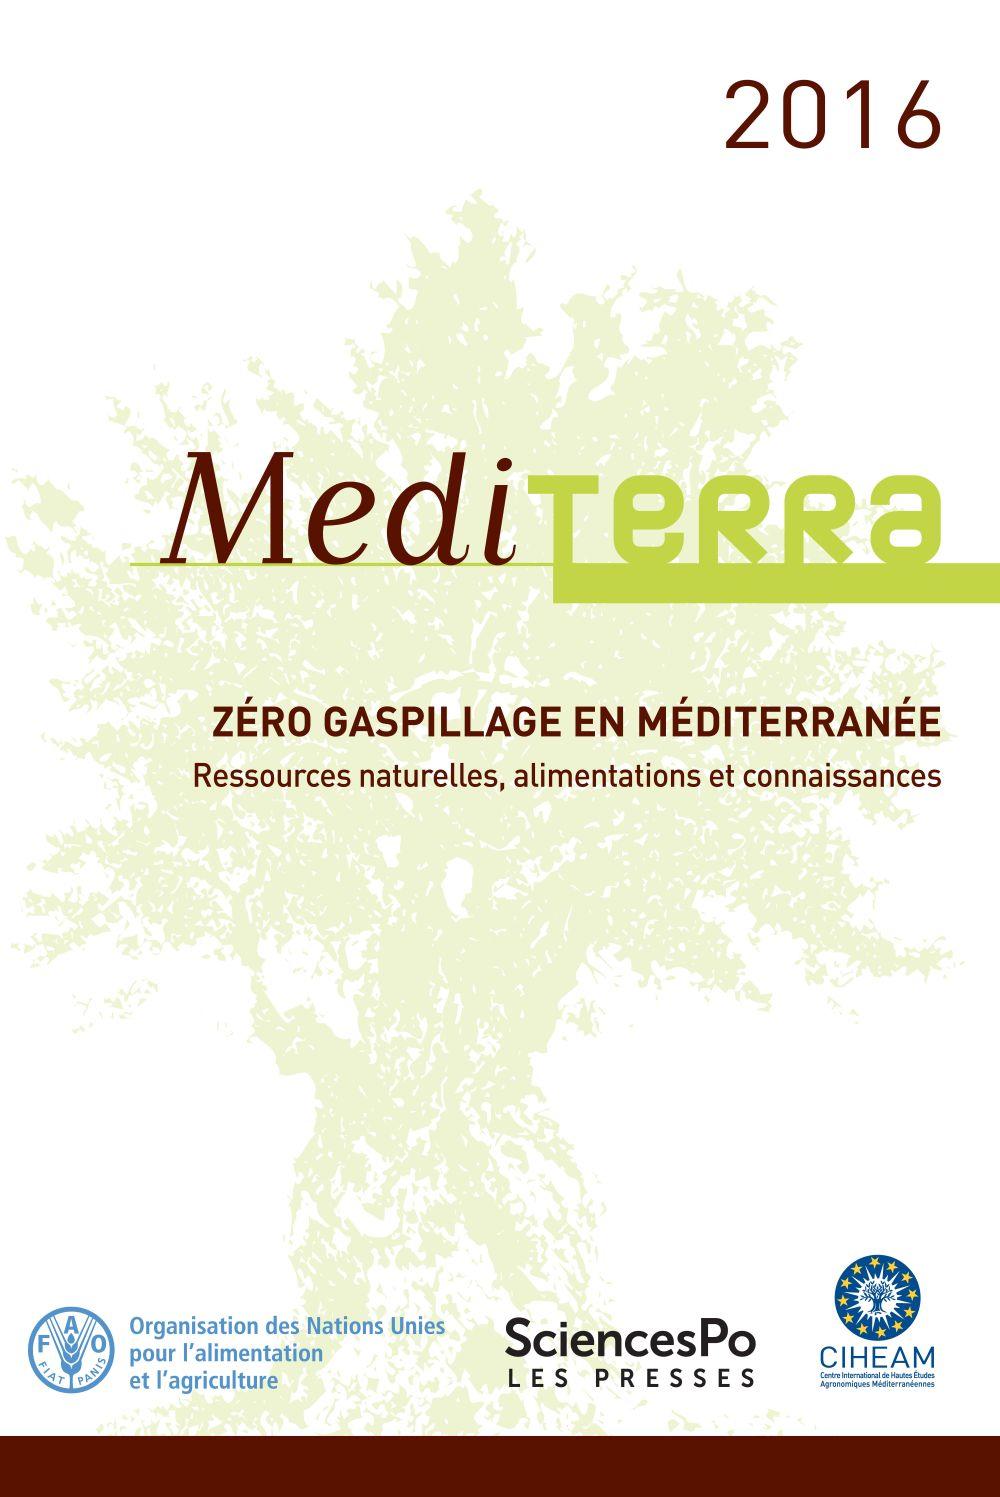 Mediterra 2016 : Zéro gaspillage en Méditerranée